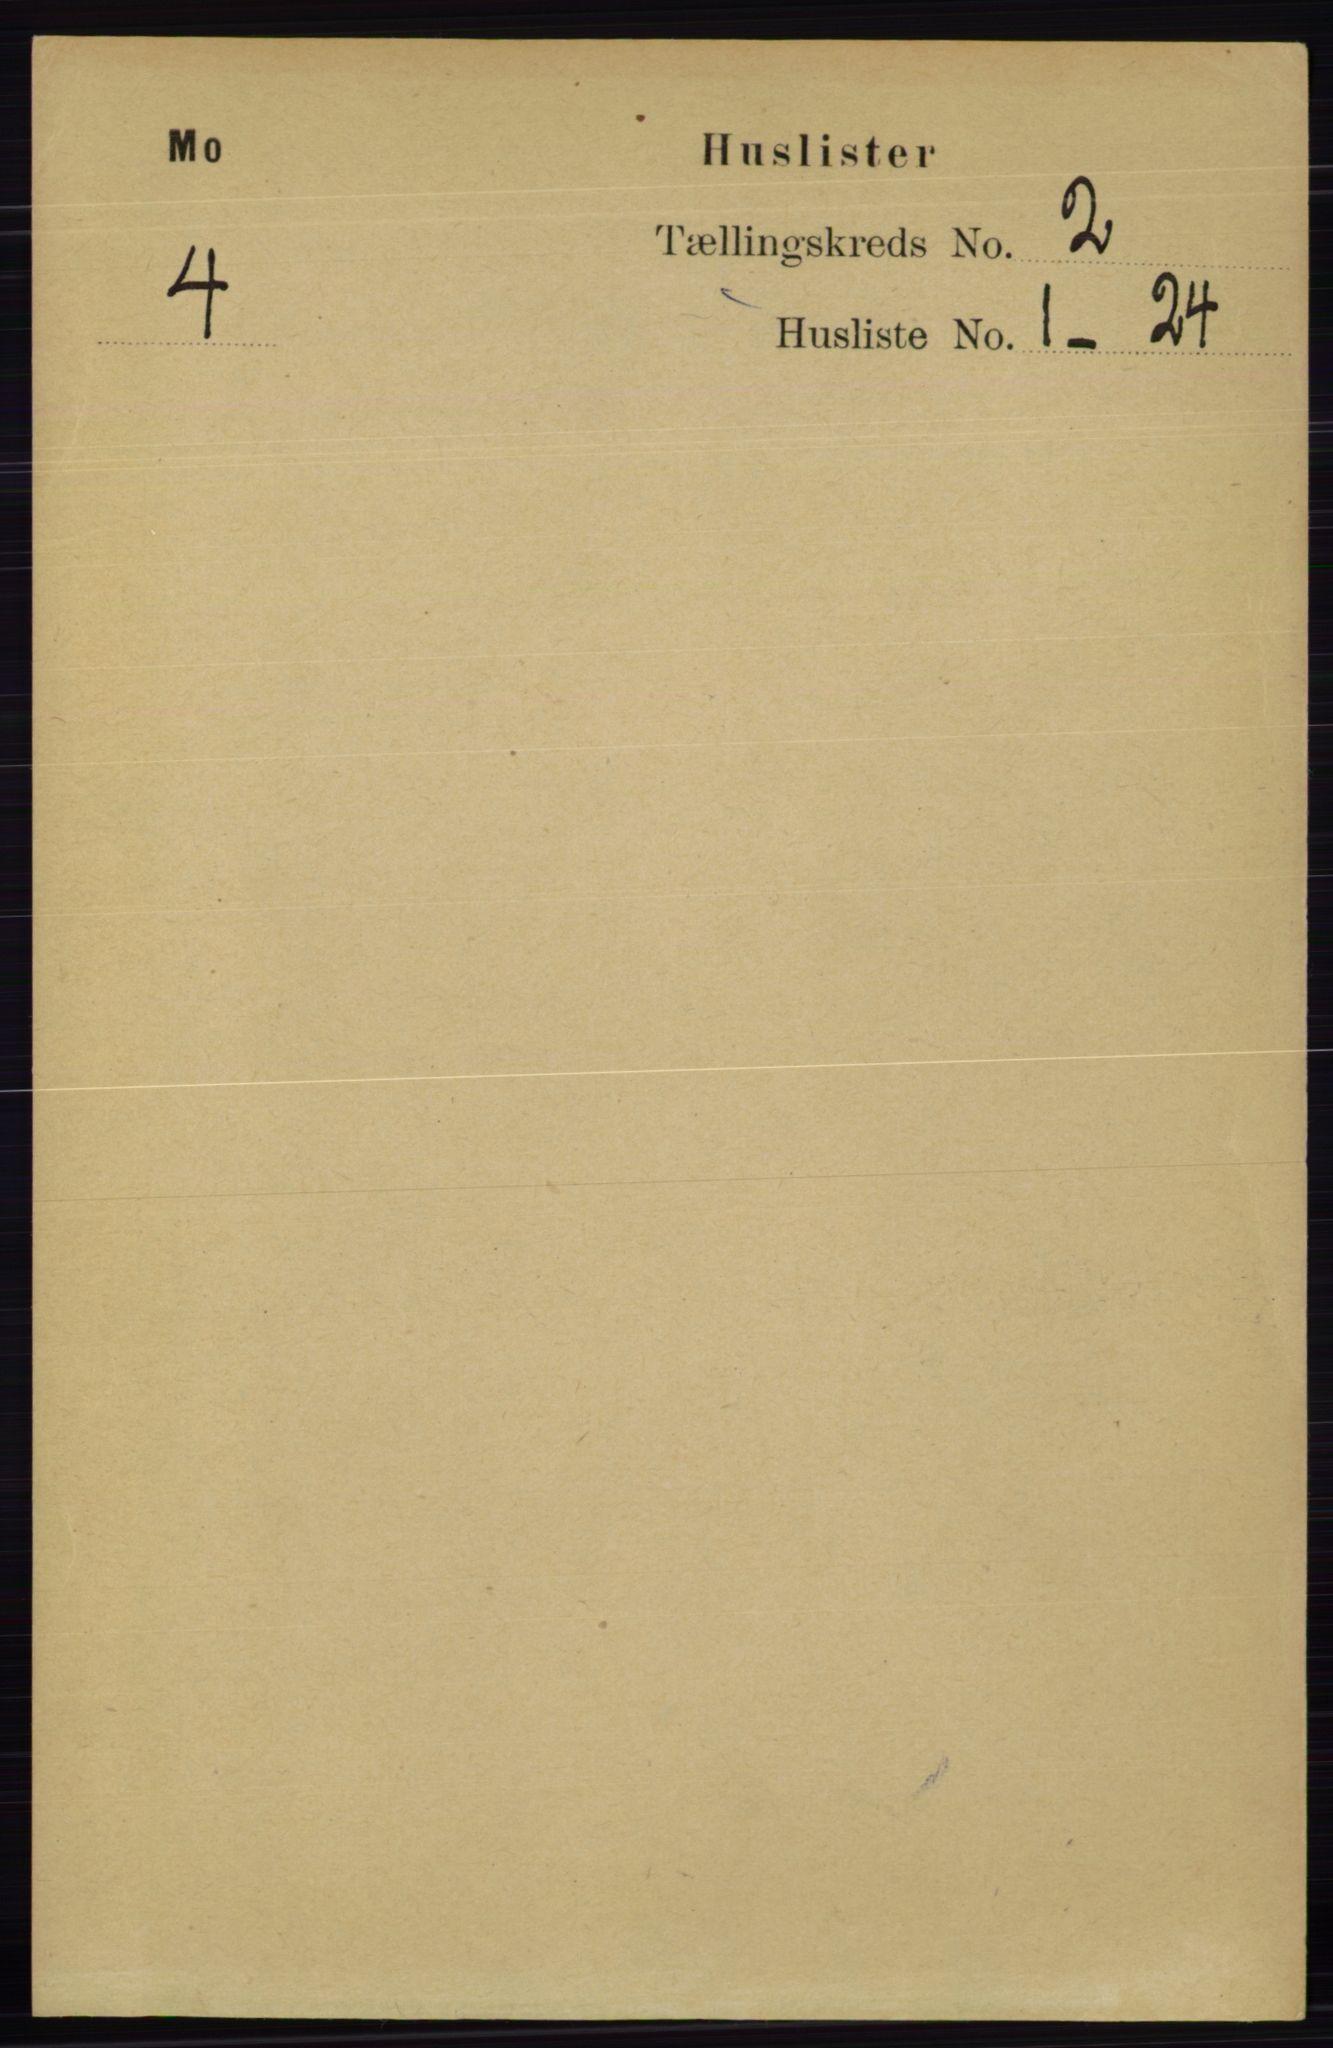 RA, Folketelling 1891 for 0832 Mo herred, 1891, s. 505